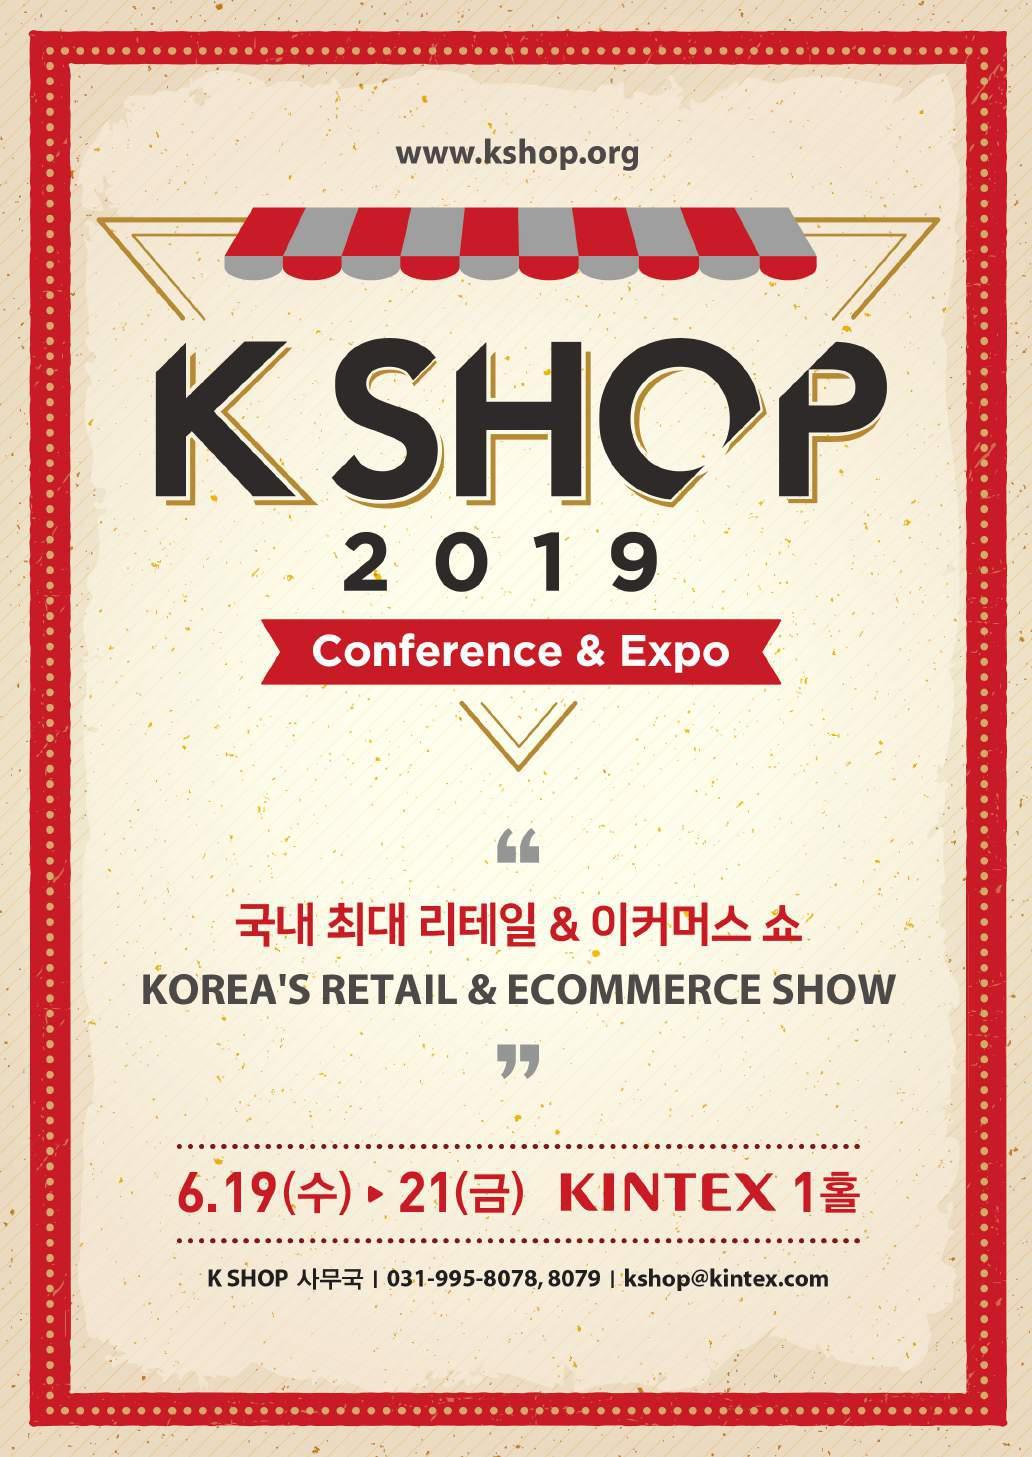 리테일 & 이커머스쇼 K SHOP 2019